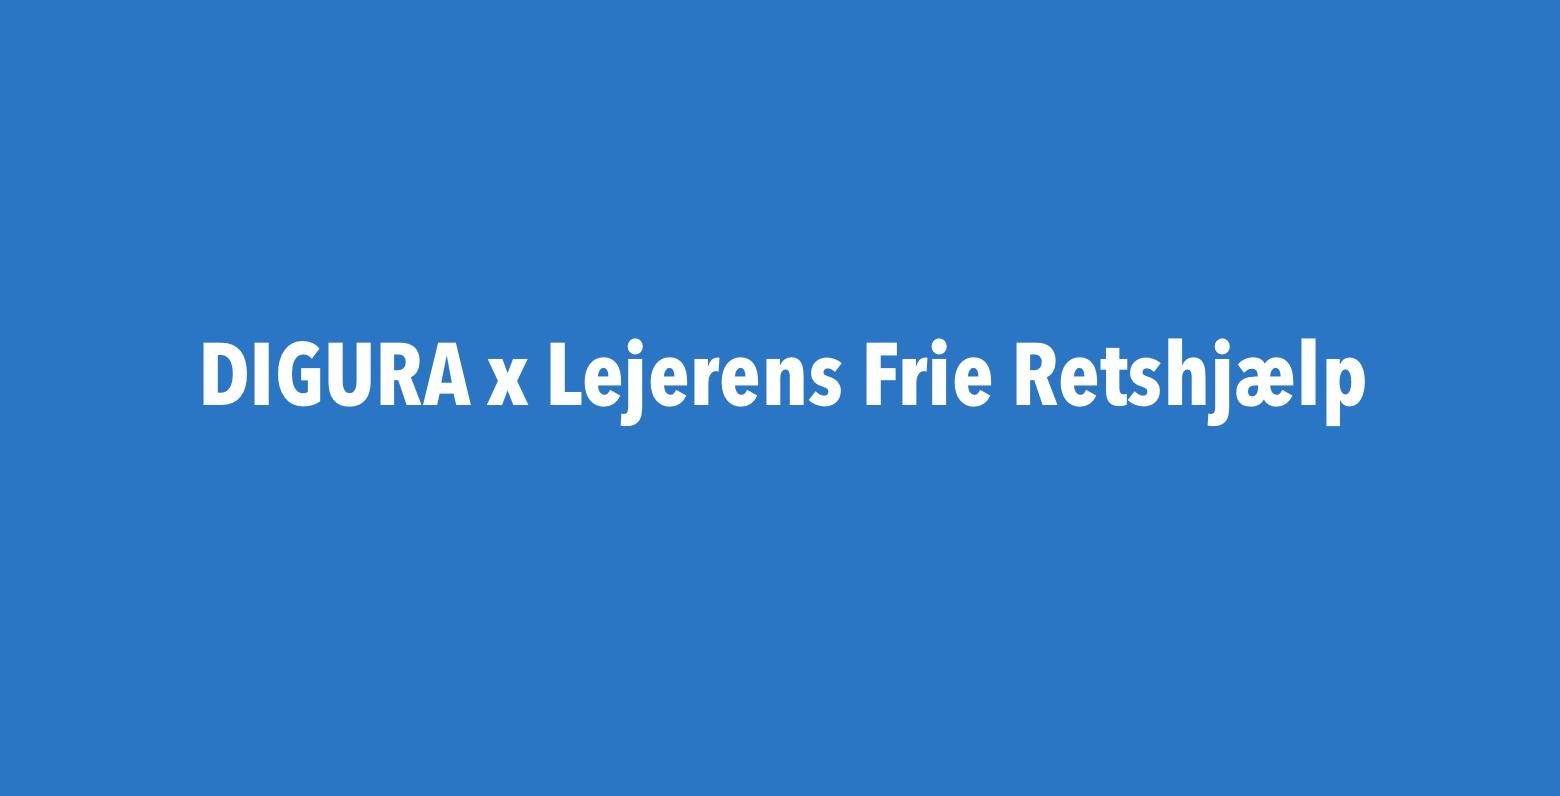 Lejerens Frie Retshjælp